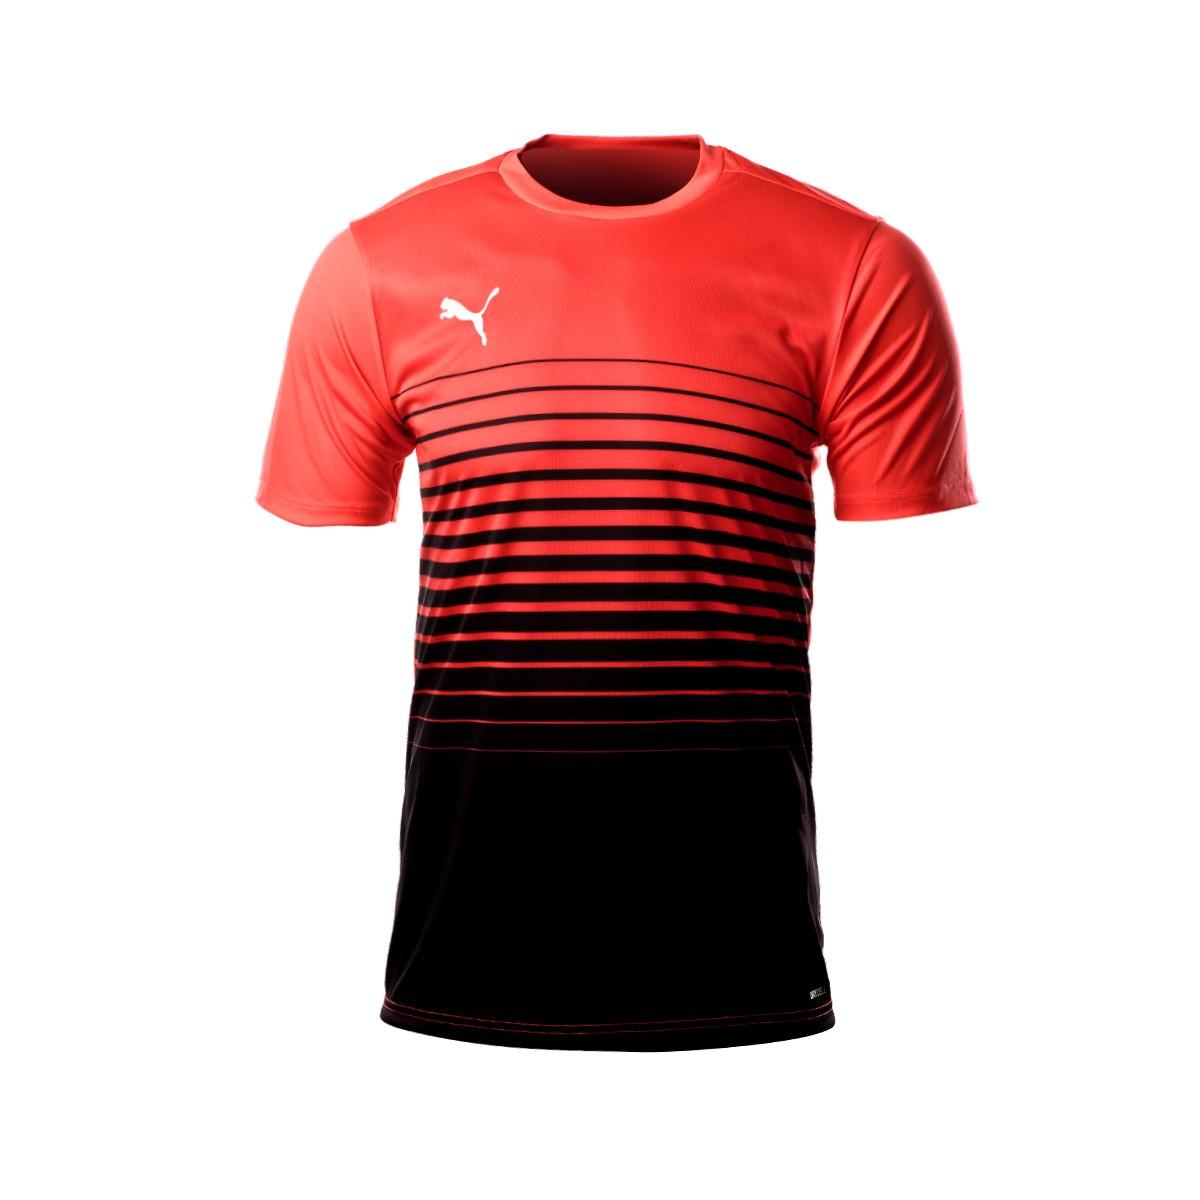 timeless design 0d553 e7e4a Camiseta ftblPLAY Graphic Red blast-Black